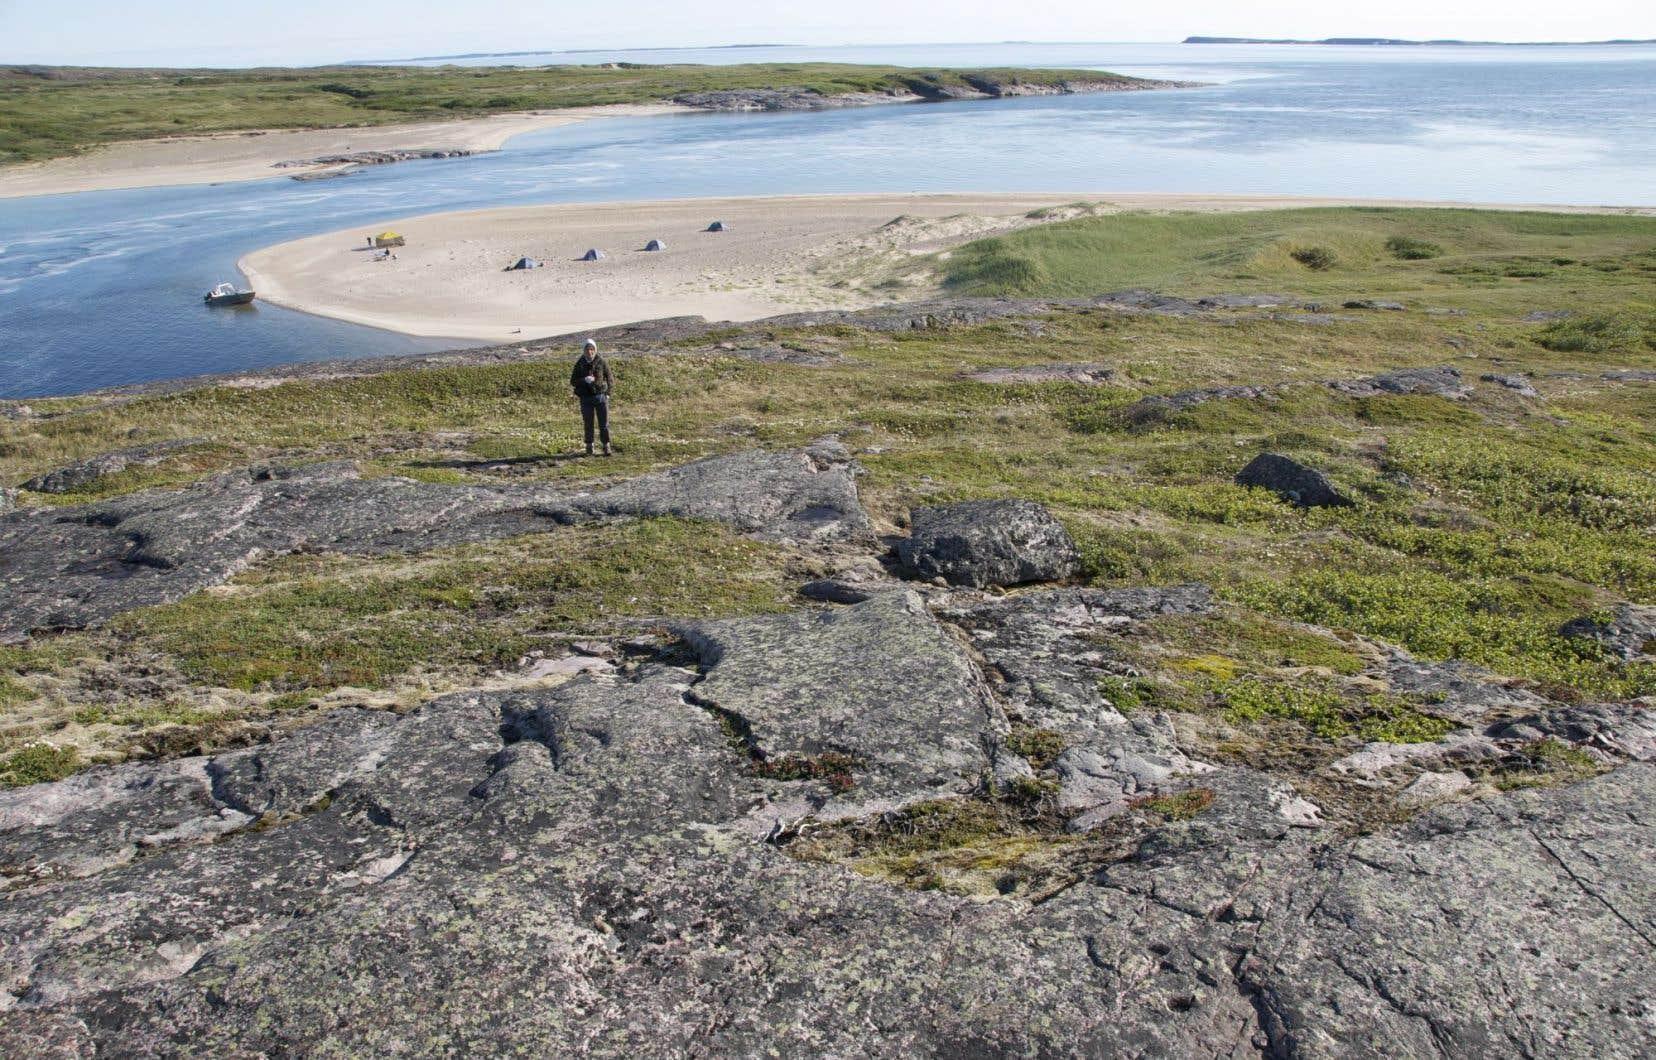 La découverte a été faite au Nunavik, dans le nord du Québec.